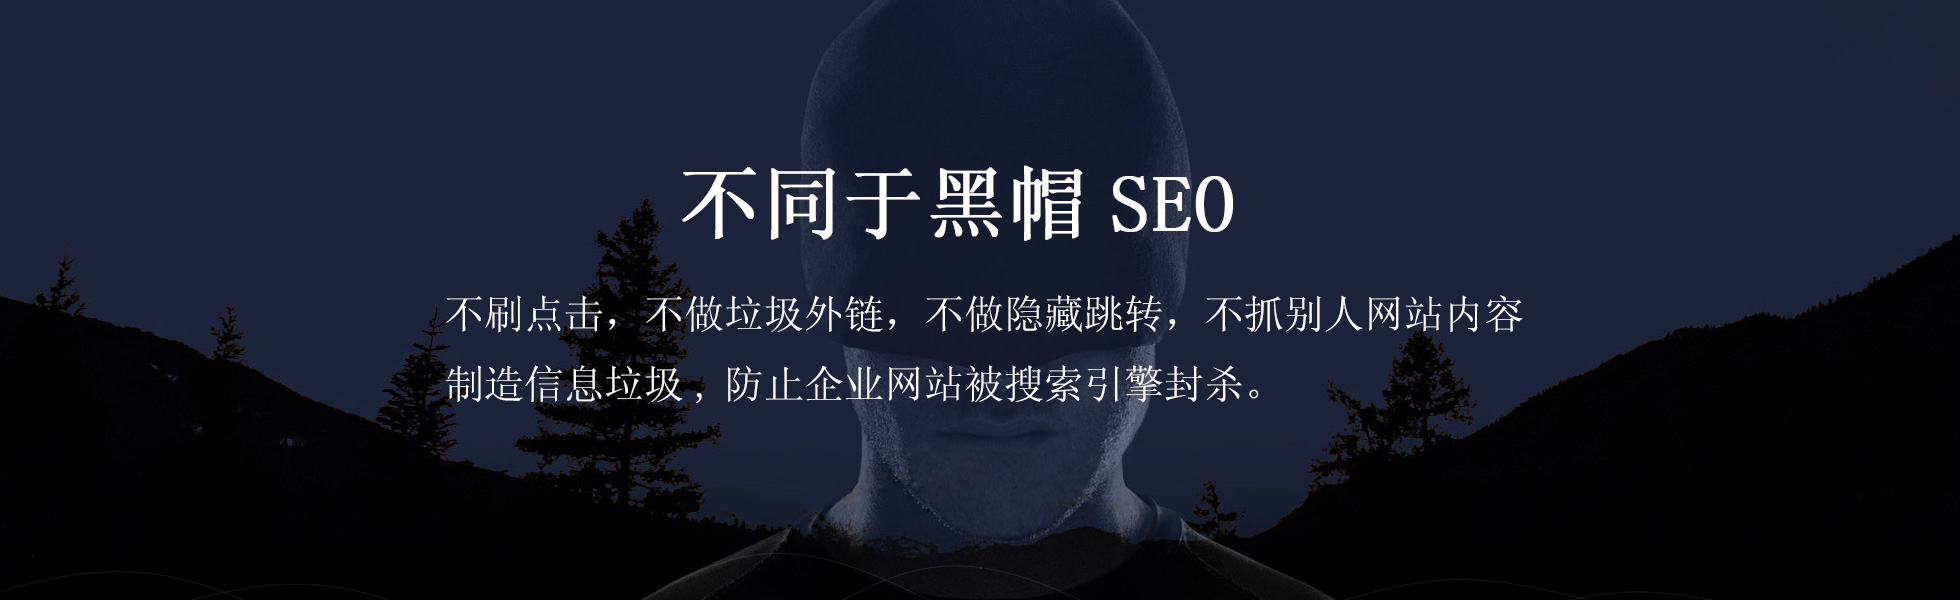 杭州网站优化